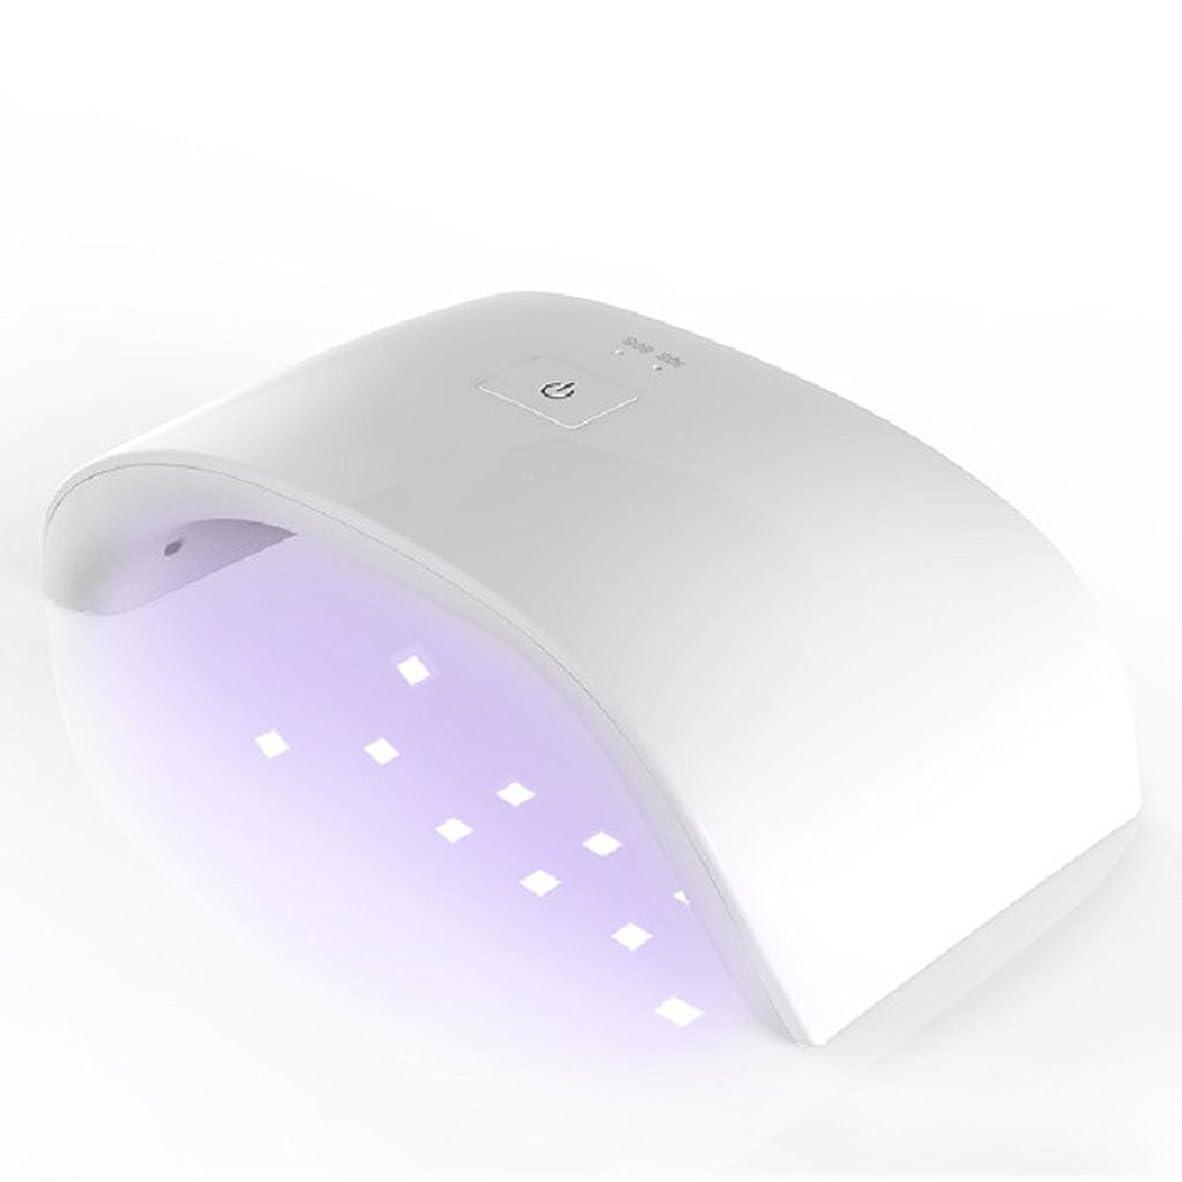 教会裁判官昇るネイル光線療法機 ネイルドライヤー - 日光24wネイル光線治療装置USBケーブルポータブルネイルライトネイルツール (色 : 白)